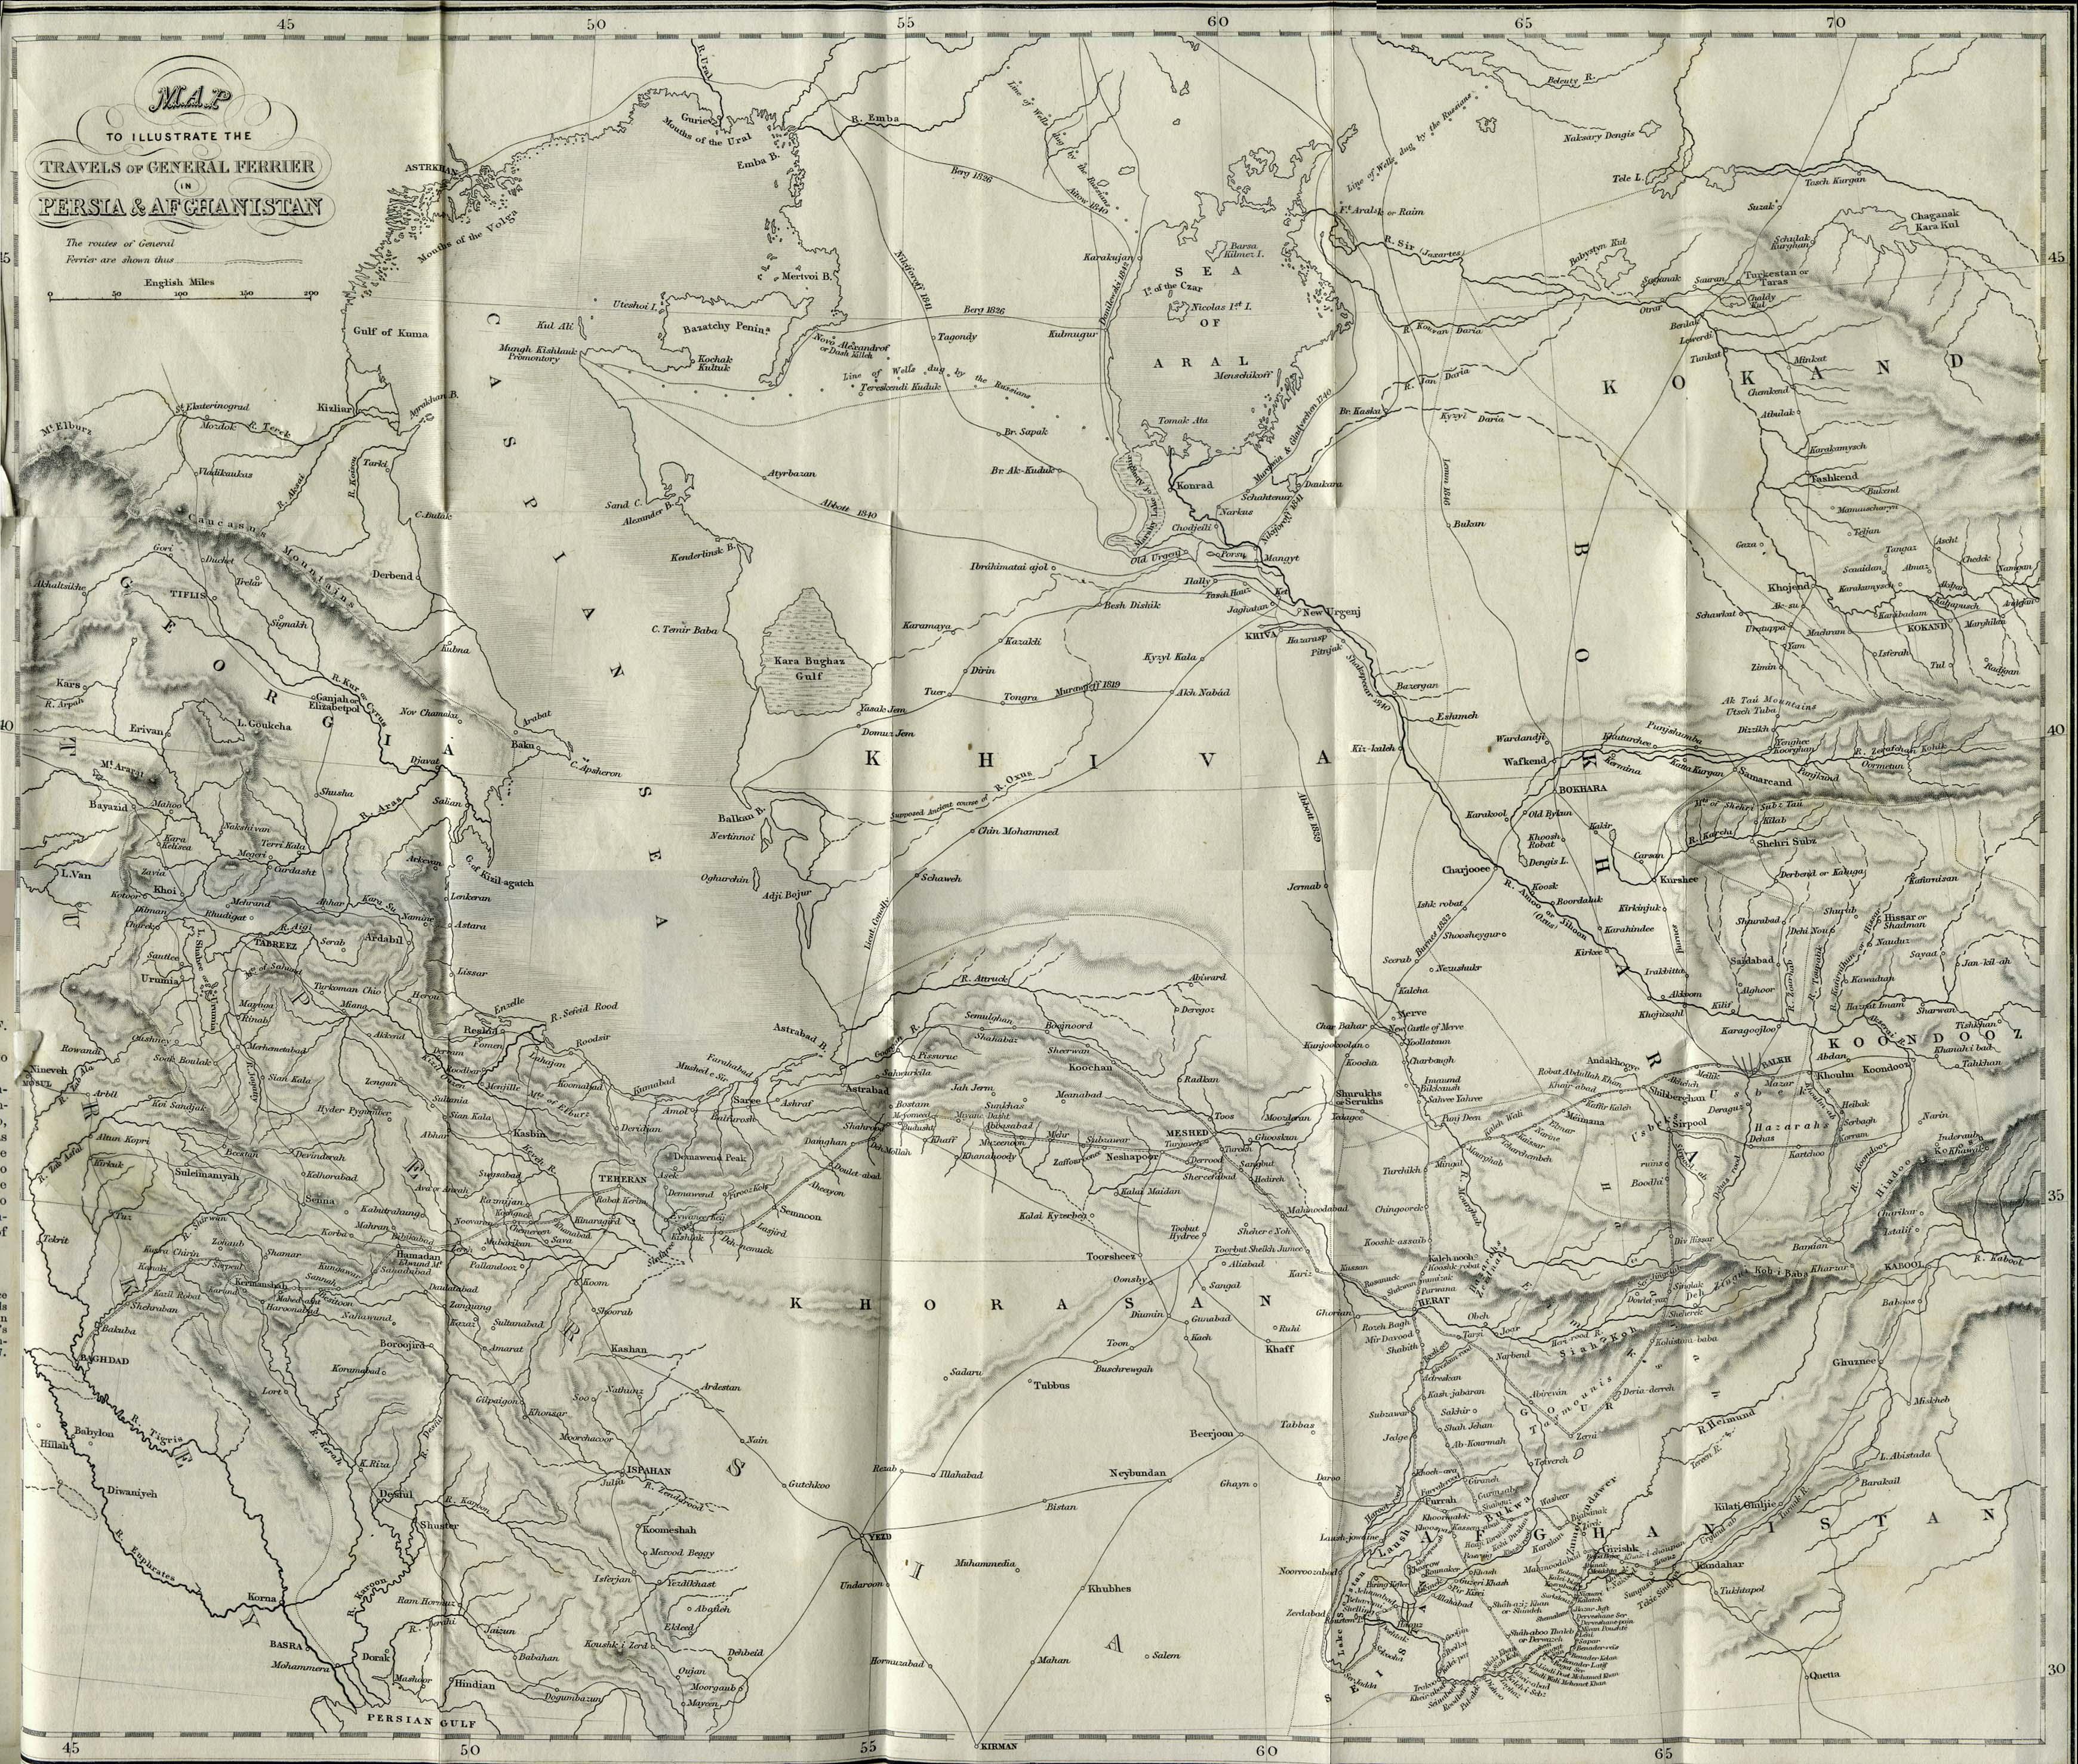 Mapa de Persia y Afganistán 1856